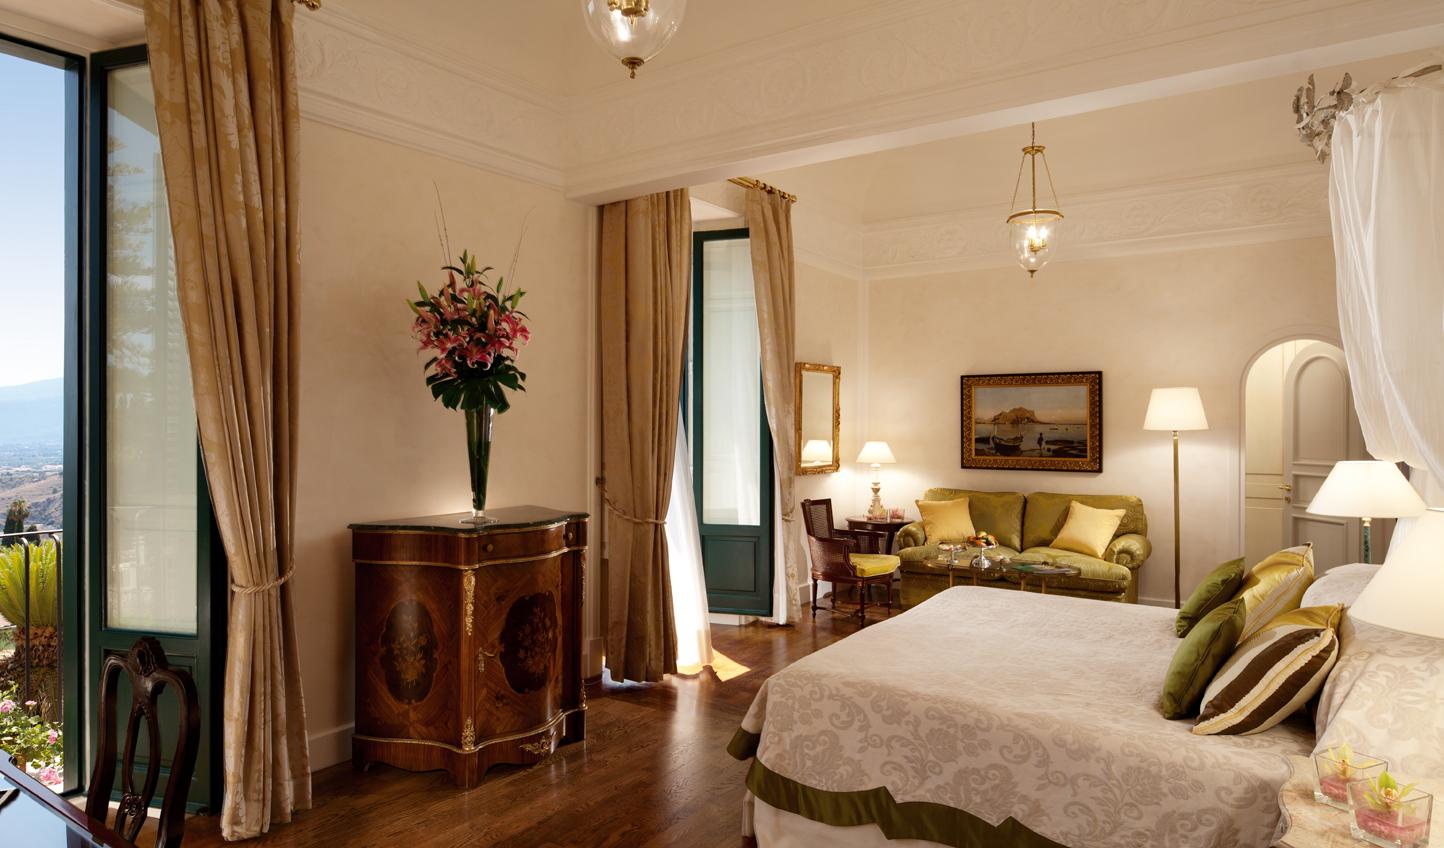 Sumptuous Italian suites